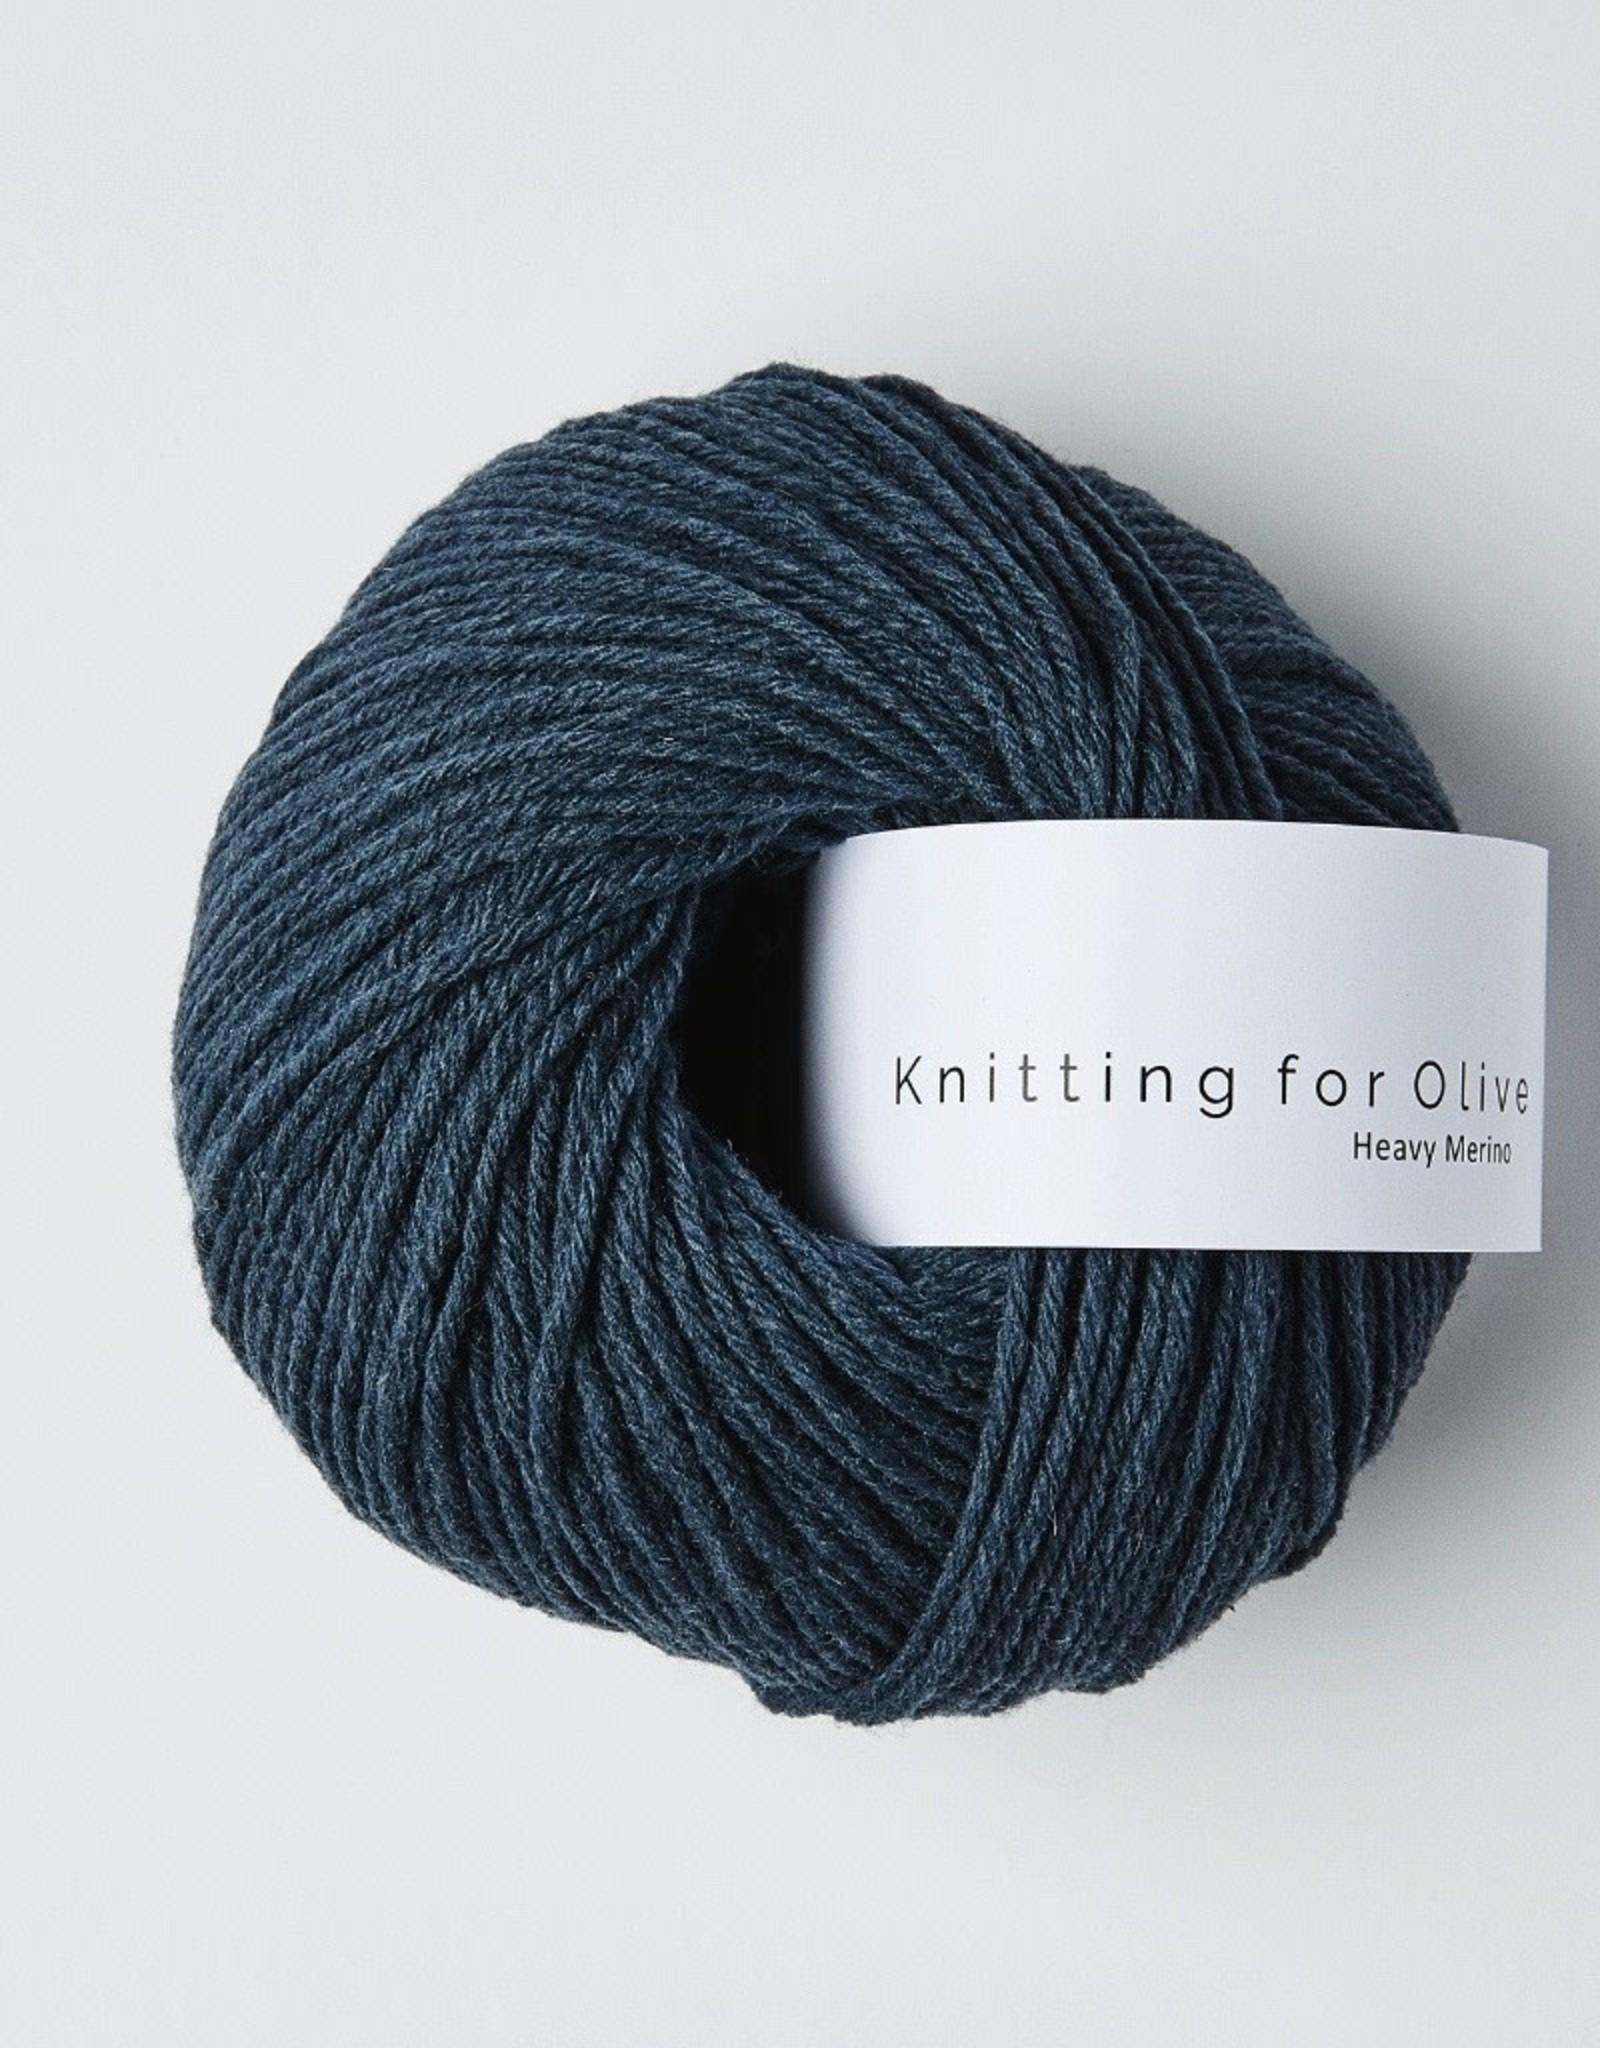 Knitting for Olive Knitting for Olive - Heavy Merino